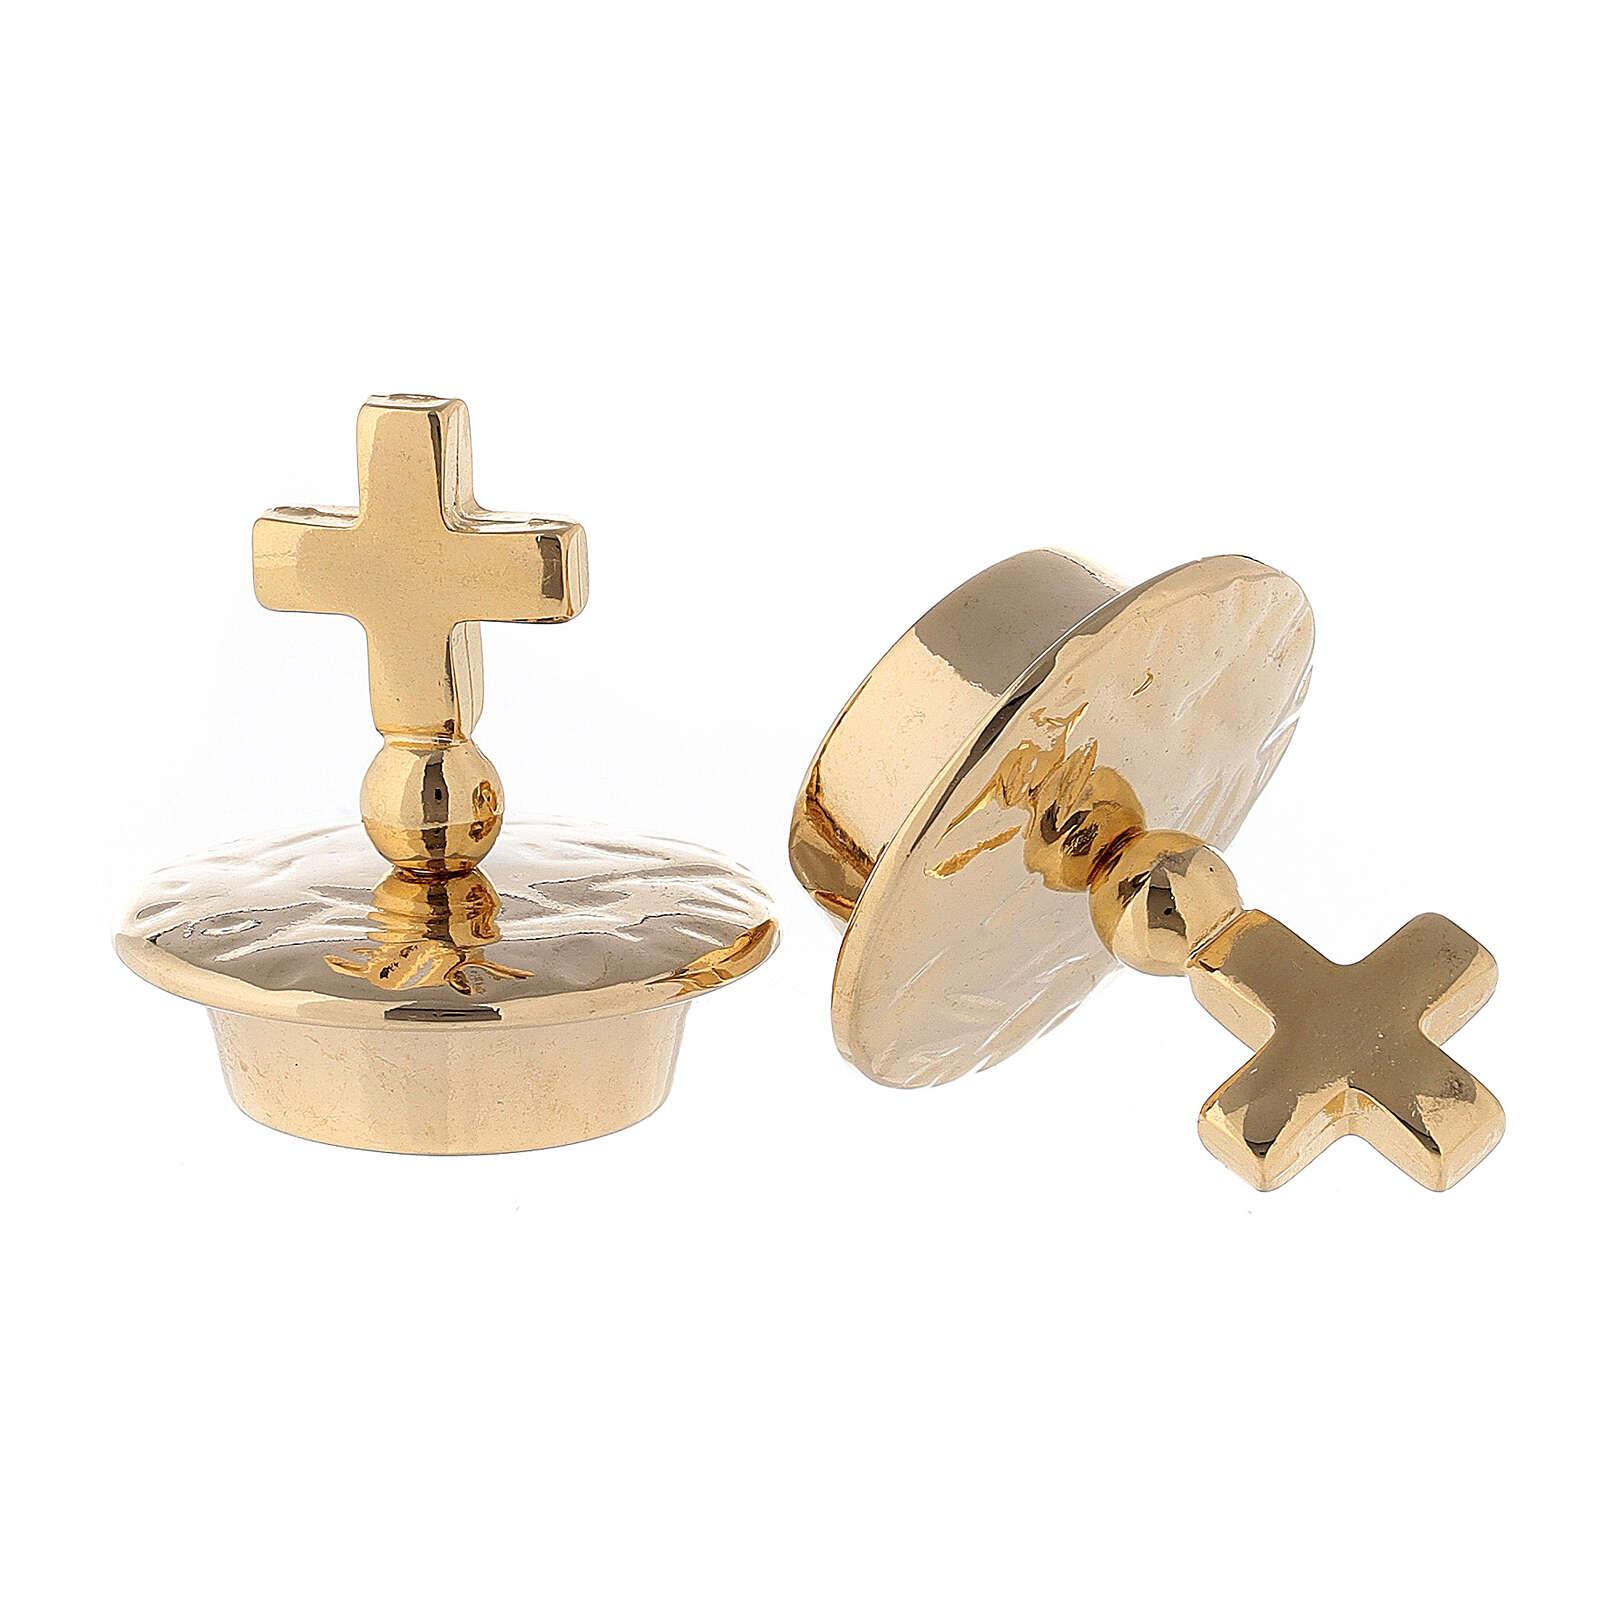 Coppia tappi croce semplice per brocchette mod. Venezia-Roma  4